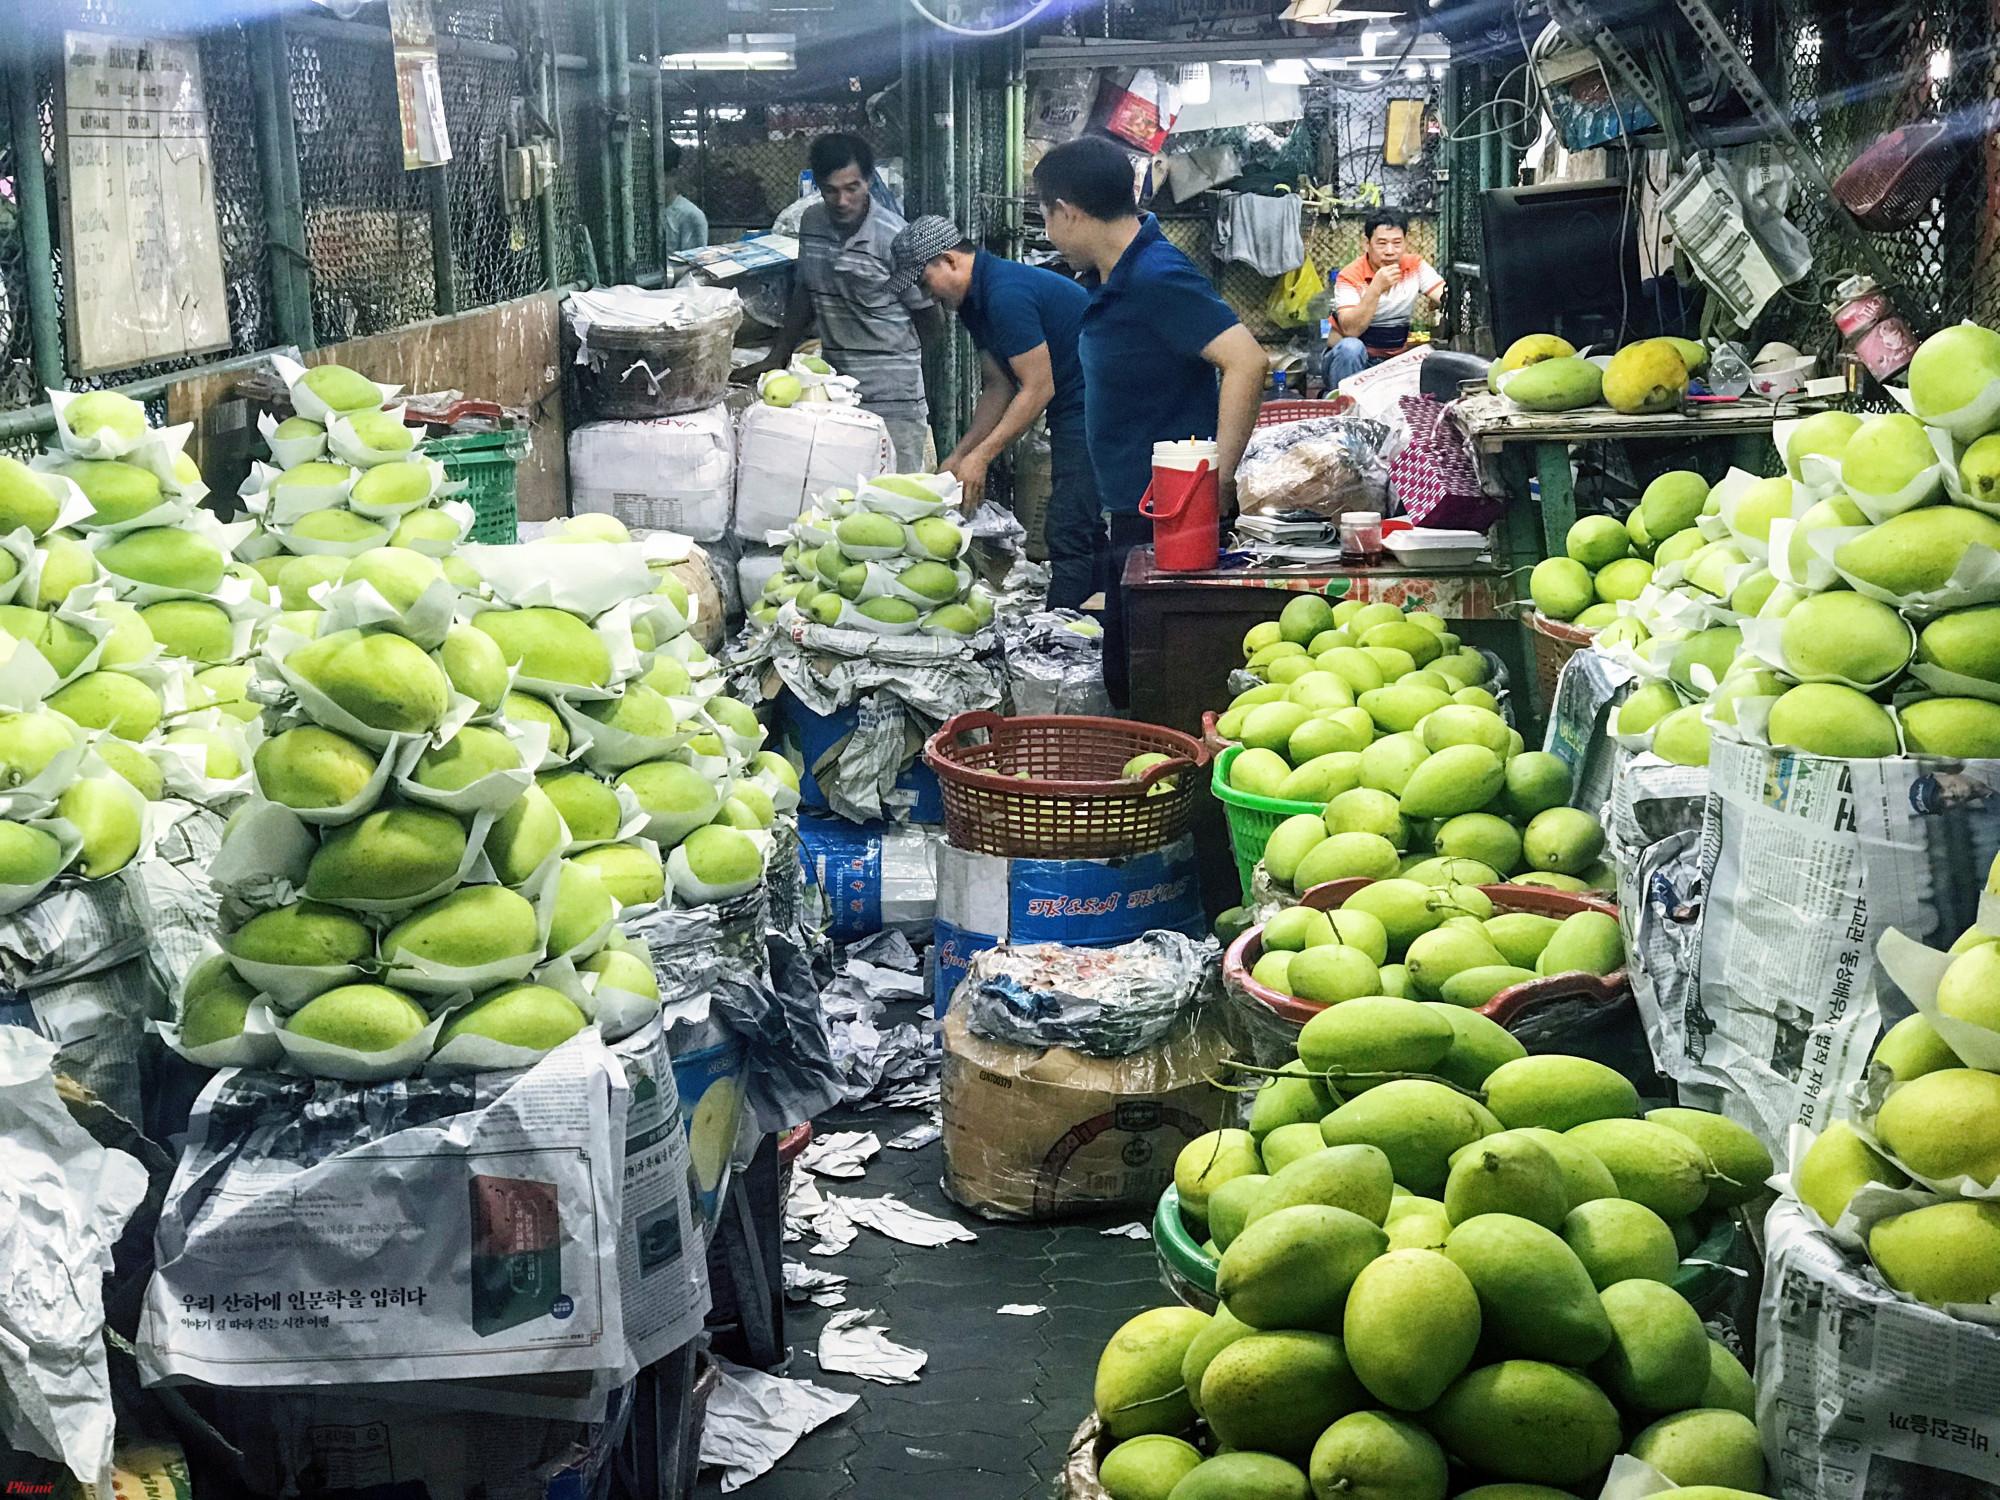 Rạng sáng 7/1, Ban quản lý ATTP có buổi thanh kiểm tra công tác an toàn thực phẩm những ngày giáp Tết Nguyên đán Canh Tý 2020 tại chợ đầu mối nông sản Thủ Đức TP.HCM.